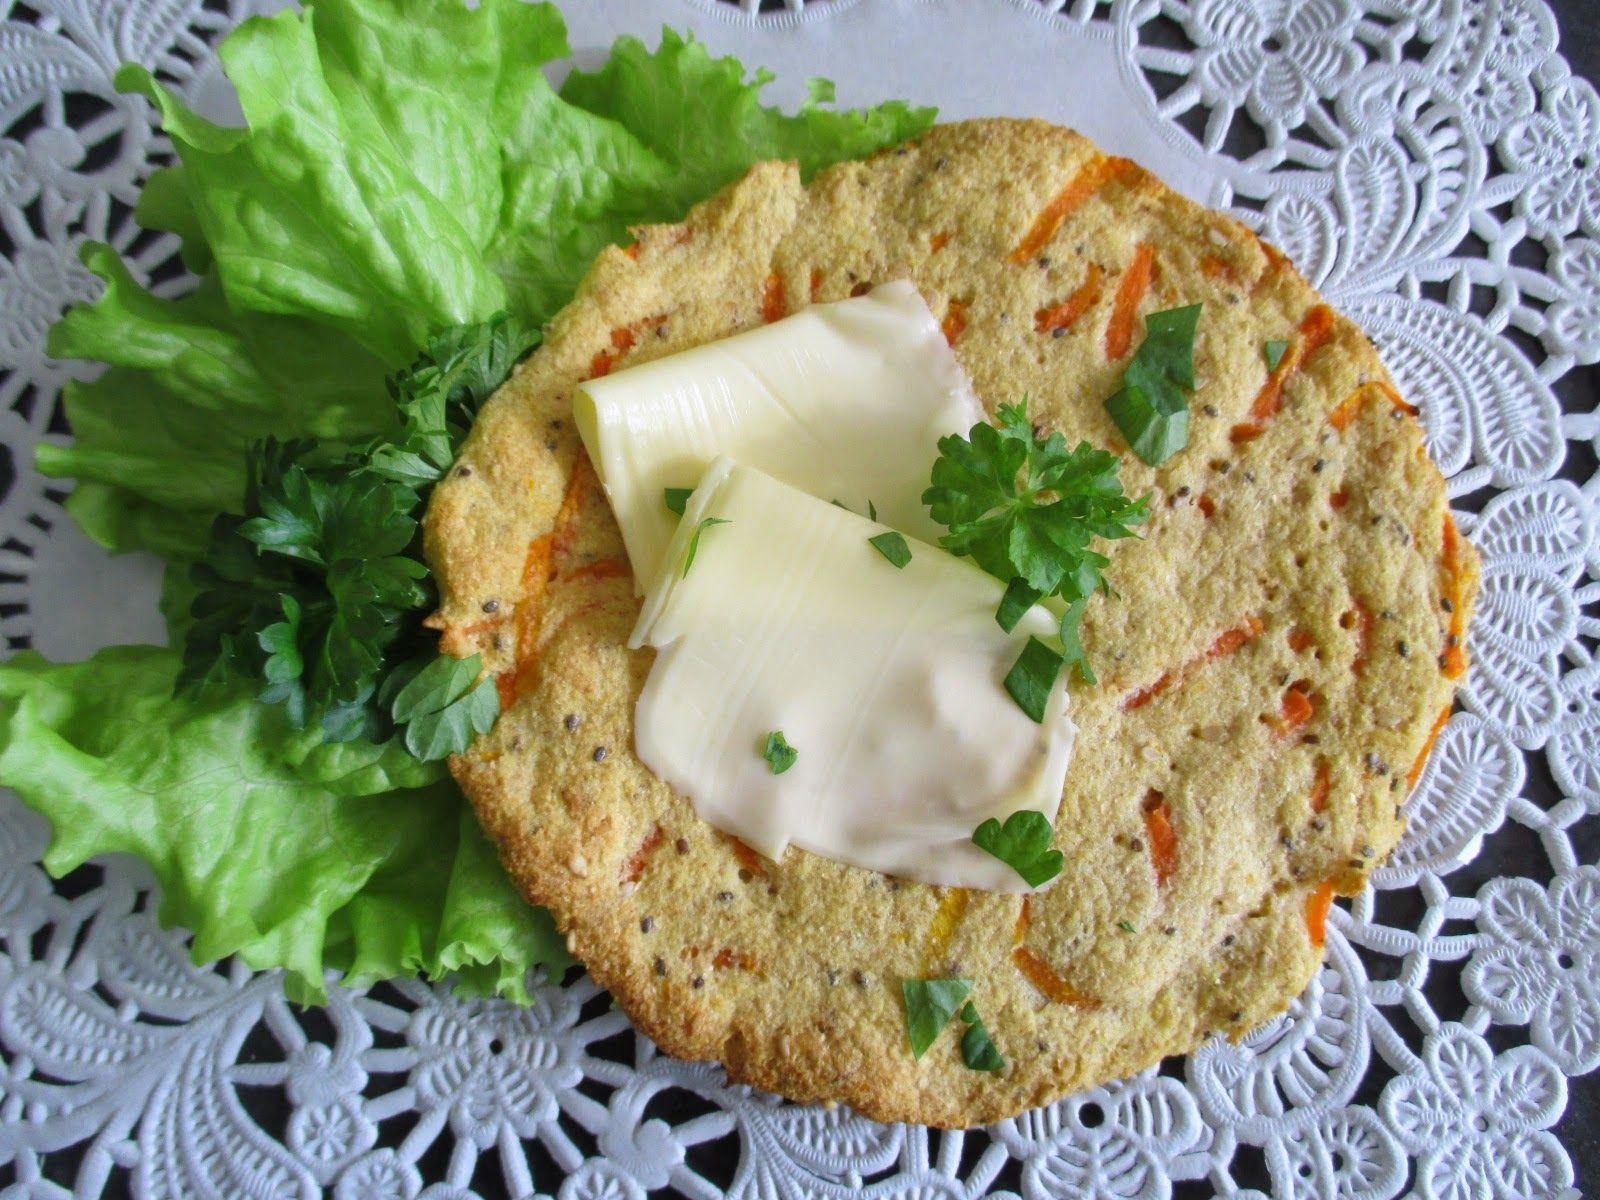 Parin hiilarin peruna-porkkanarieskat: Tinskun keittiössä